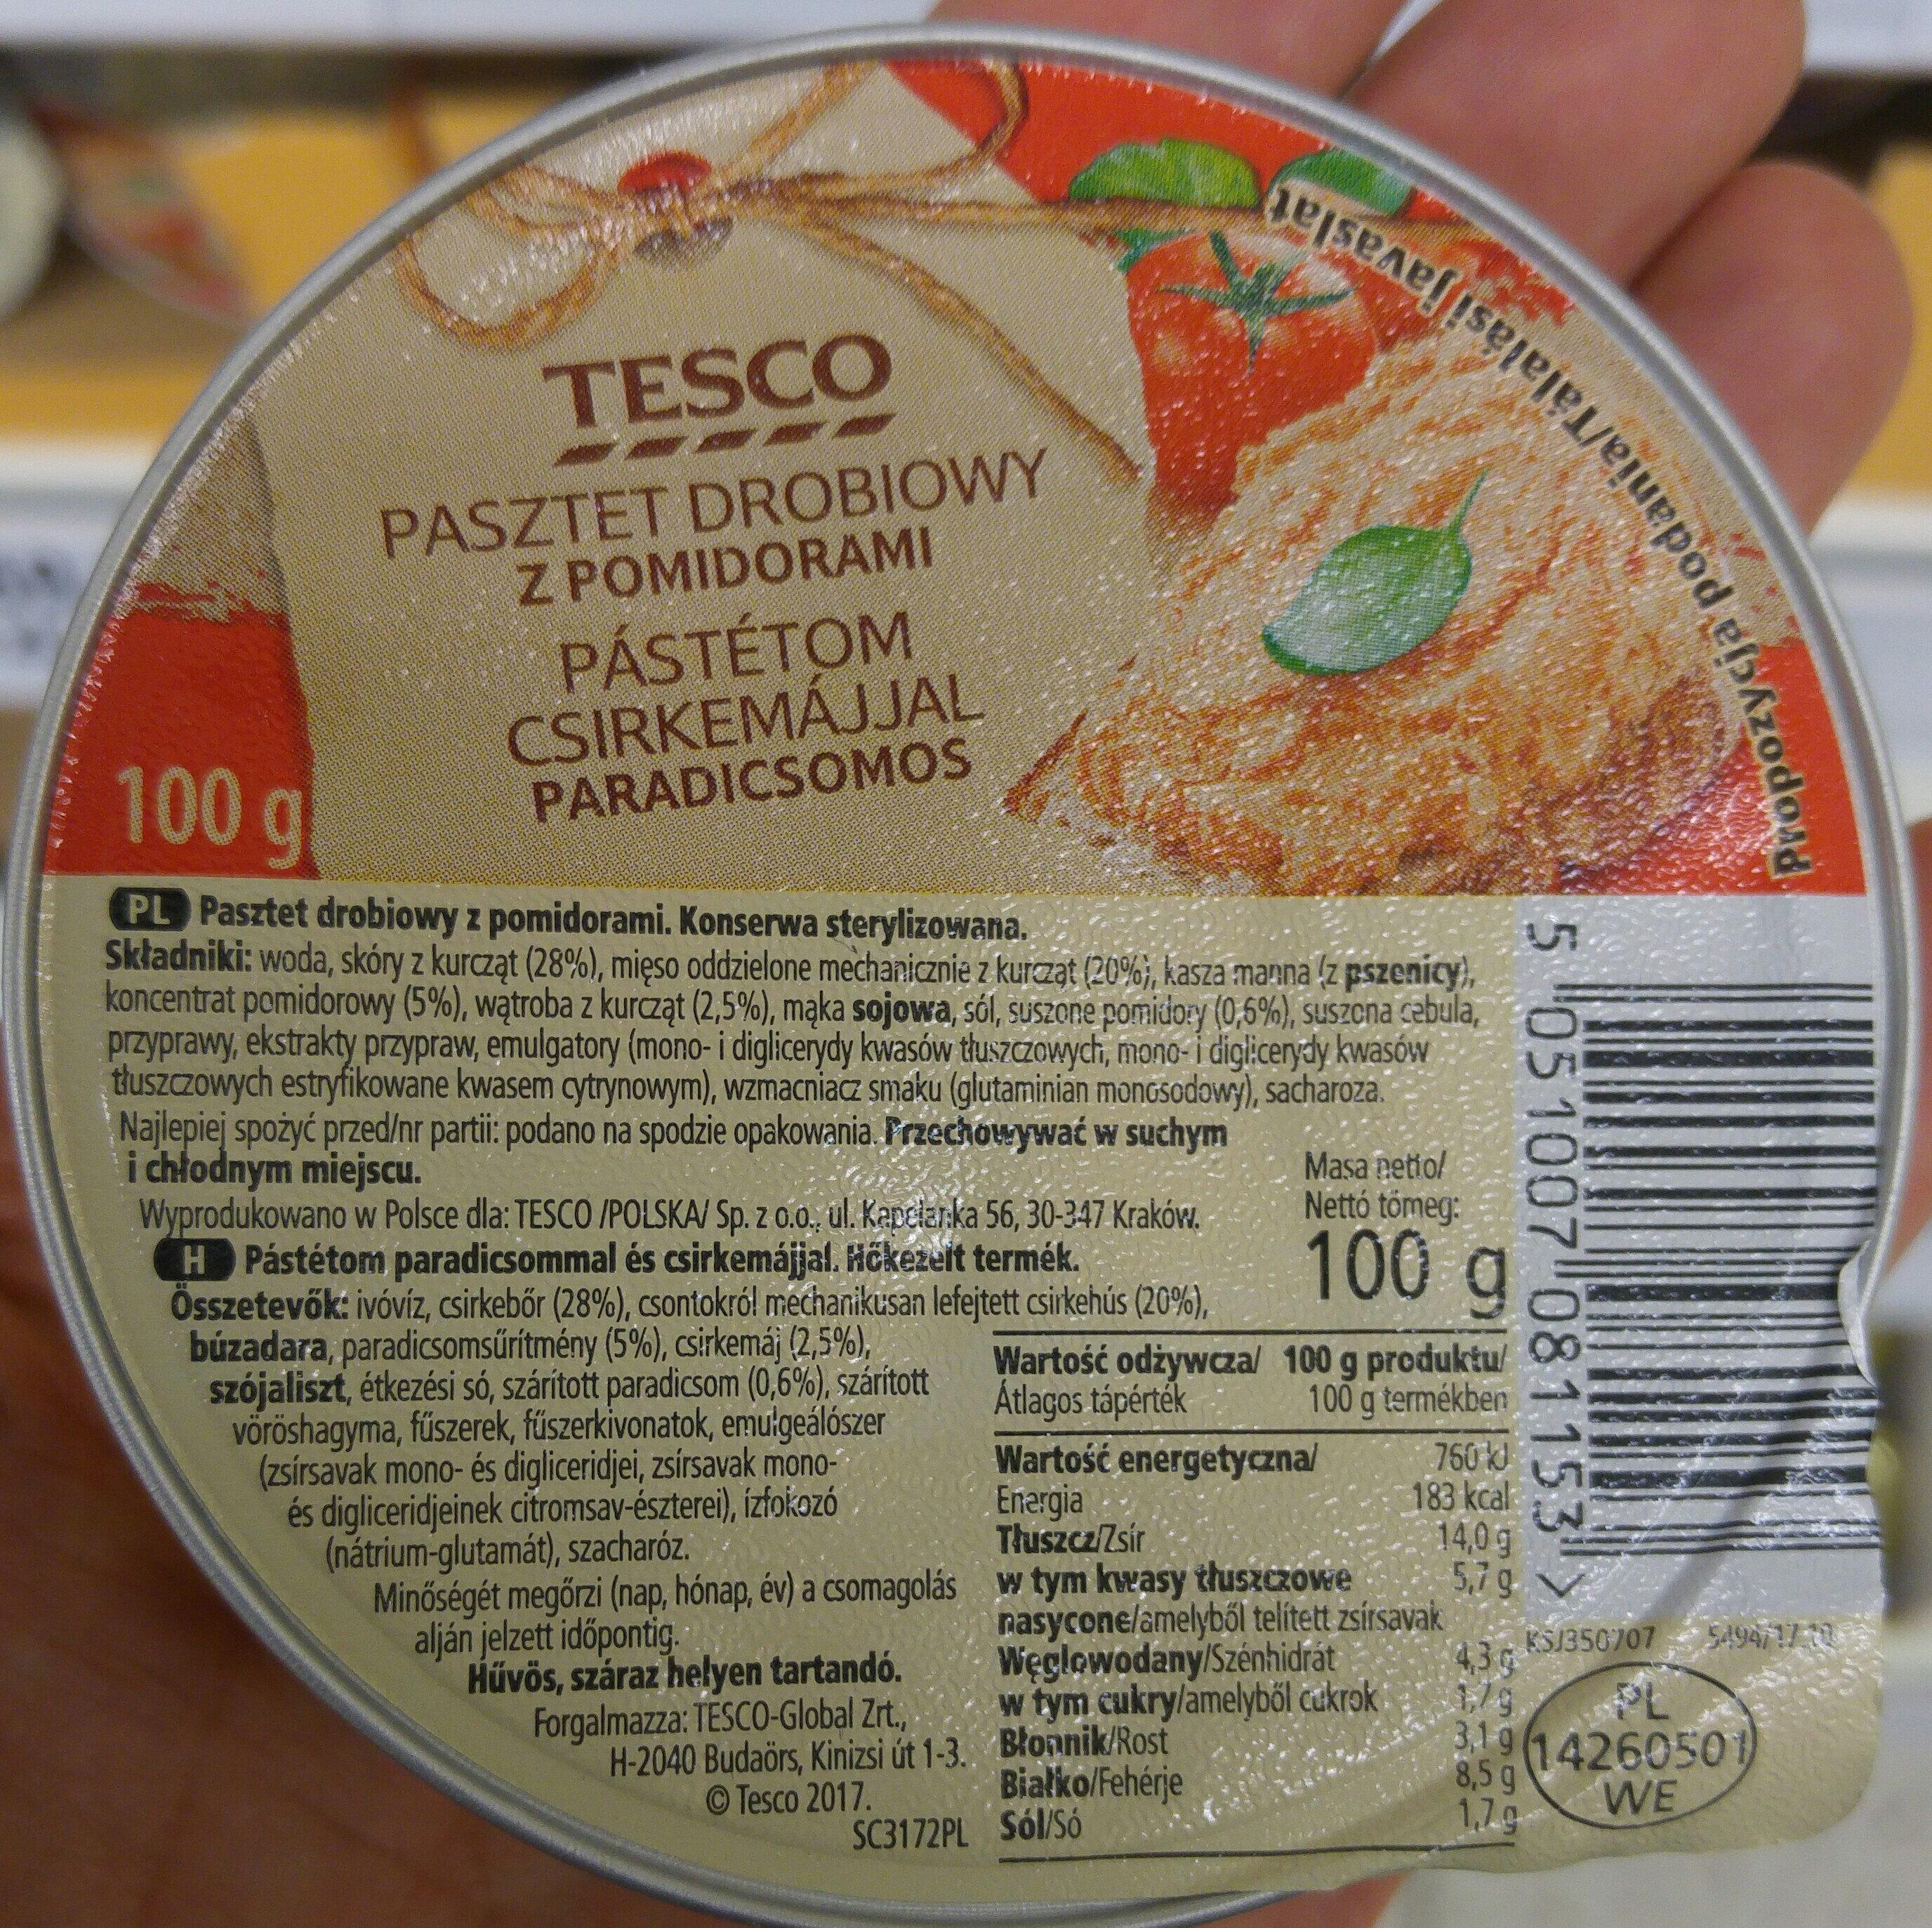 Pasztet drobiowy z pomidorami - Produkt - pl